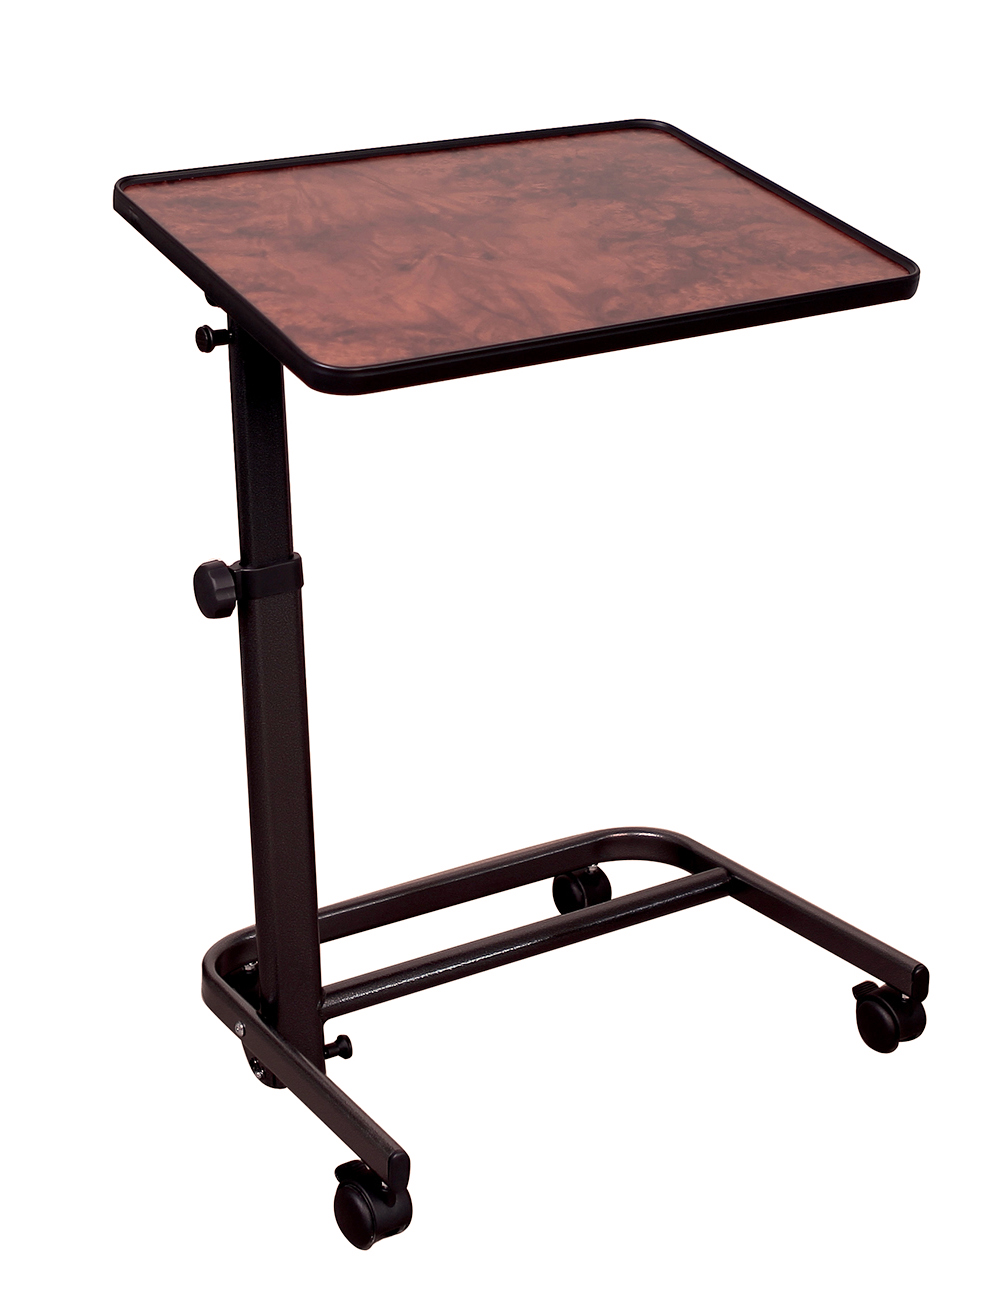 Table de lit DIFFUSION plateau ronce de noyer 60 cm